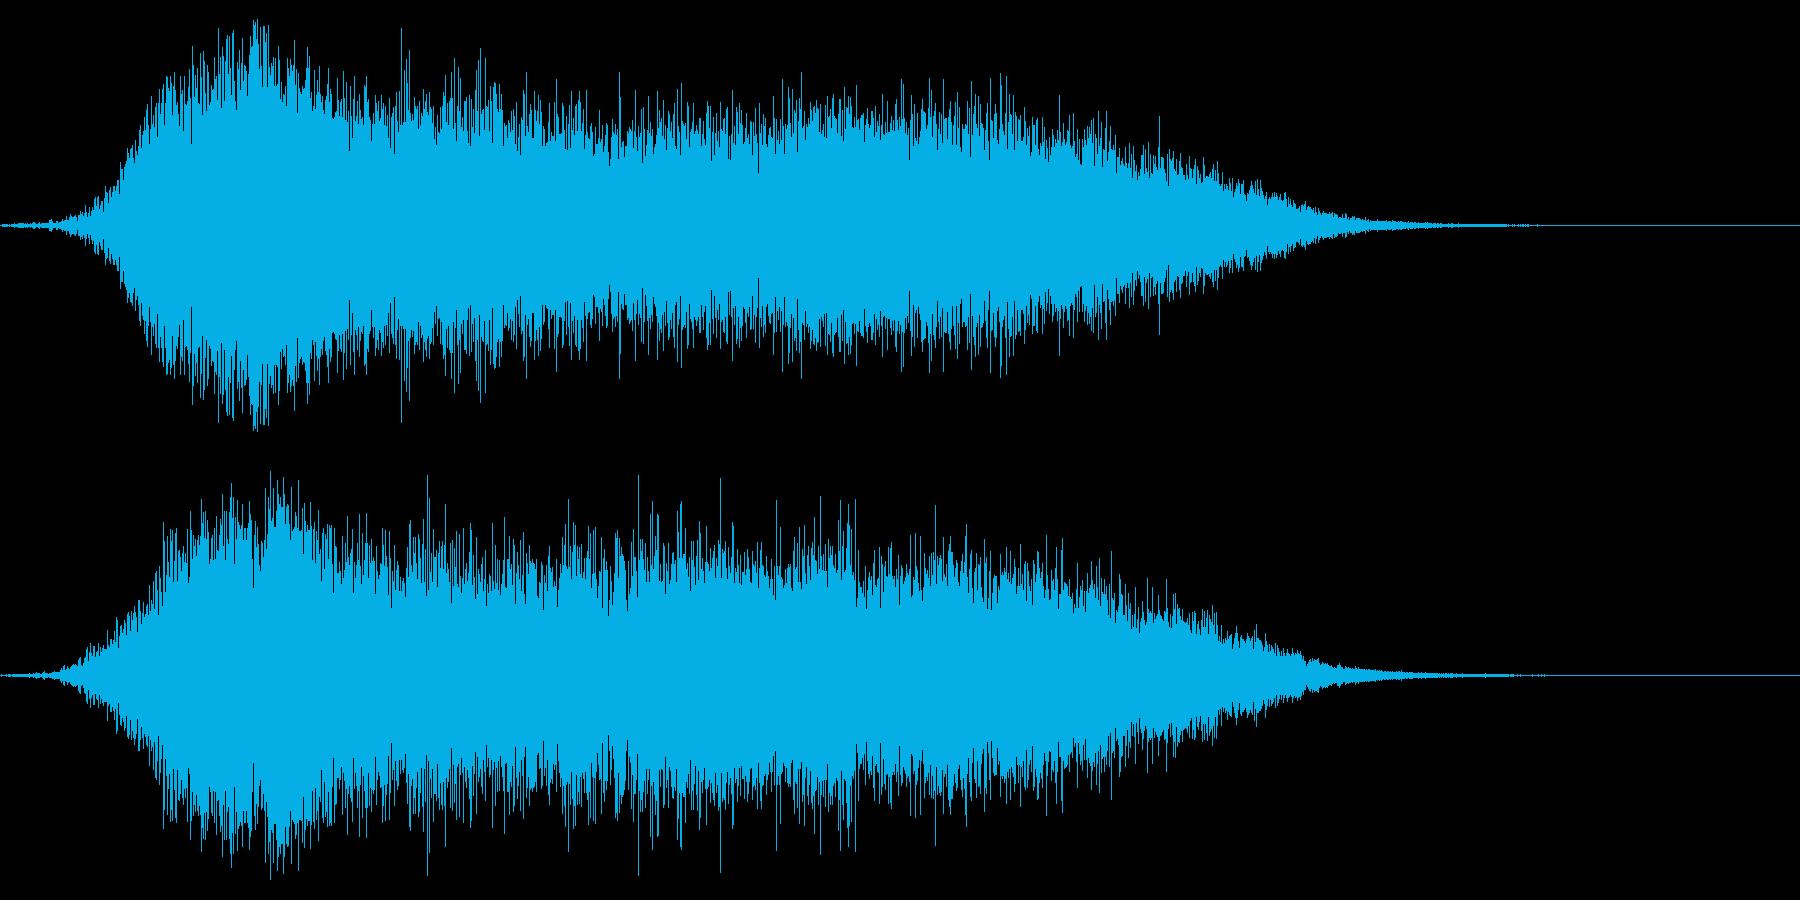 シネマティックサウンドロゴ1の再生済みの波形